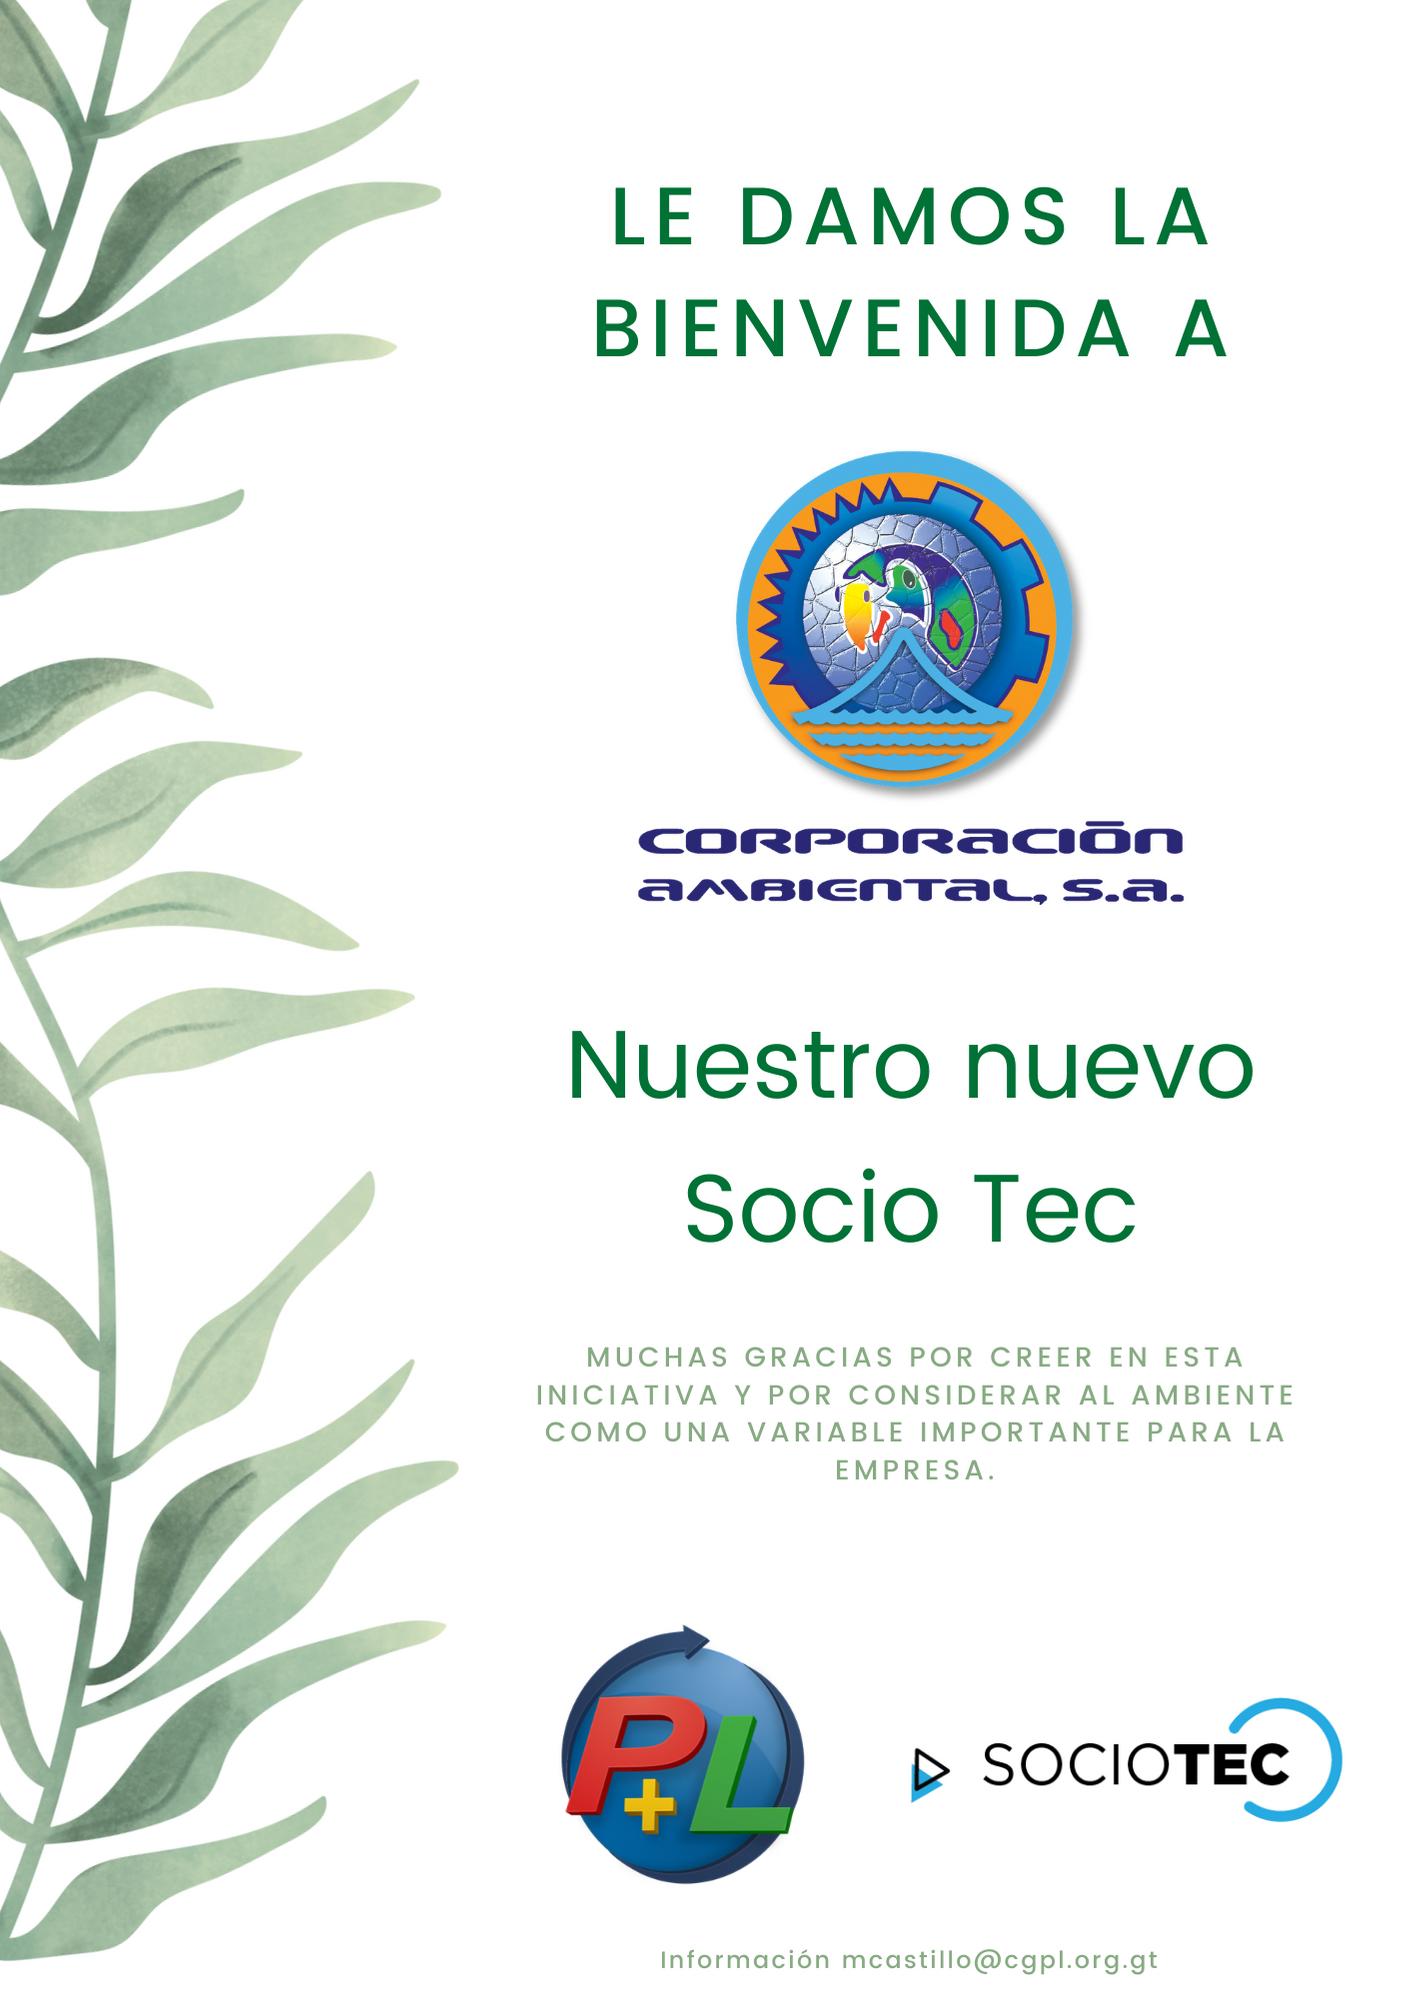 Le Damos La Bienvenida A Nuestro Nuevo Socio Tec, Corporación Ambiental